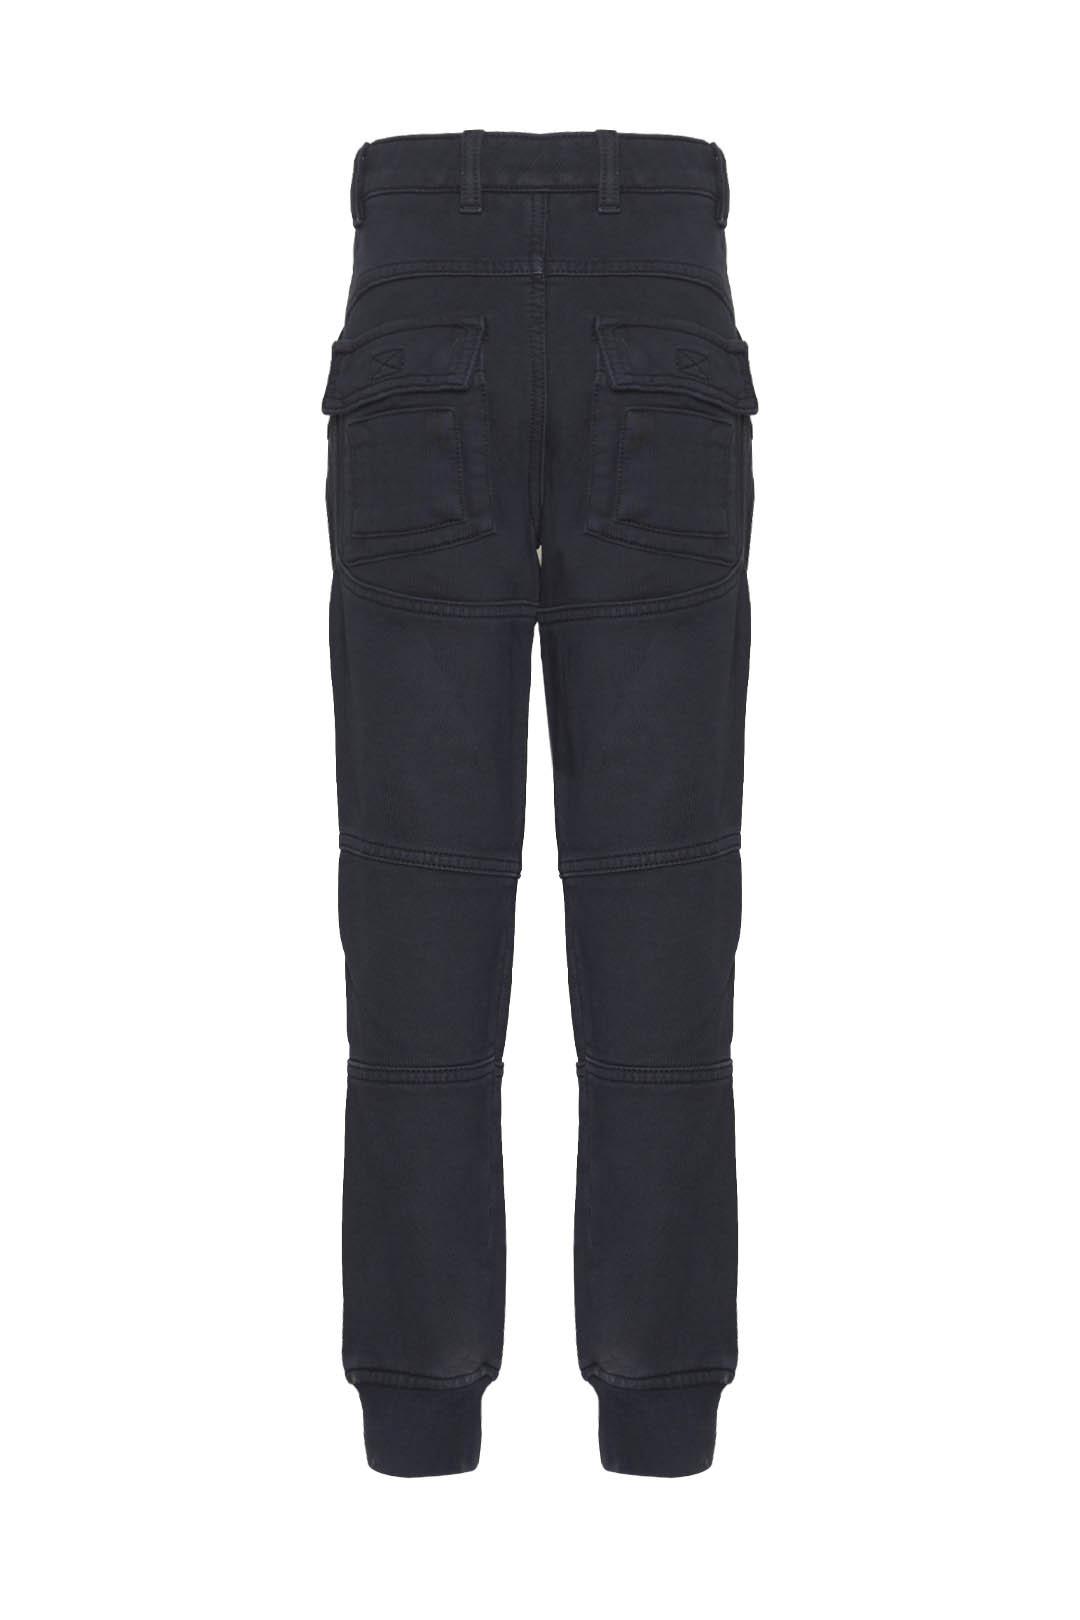 Pantalon Anti-G en molleton de coton     2